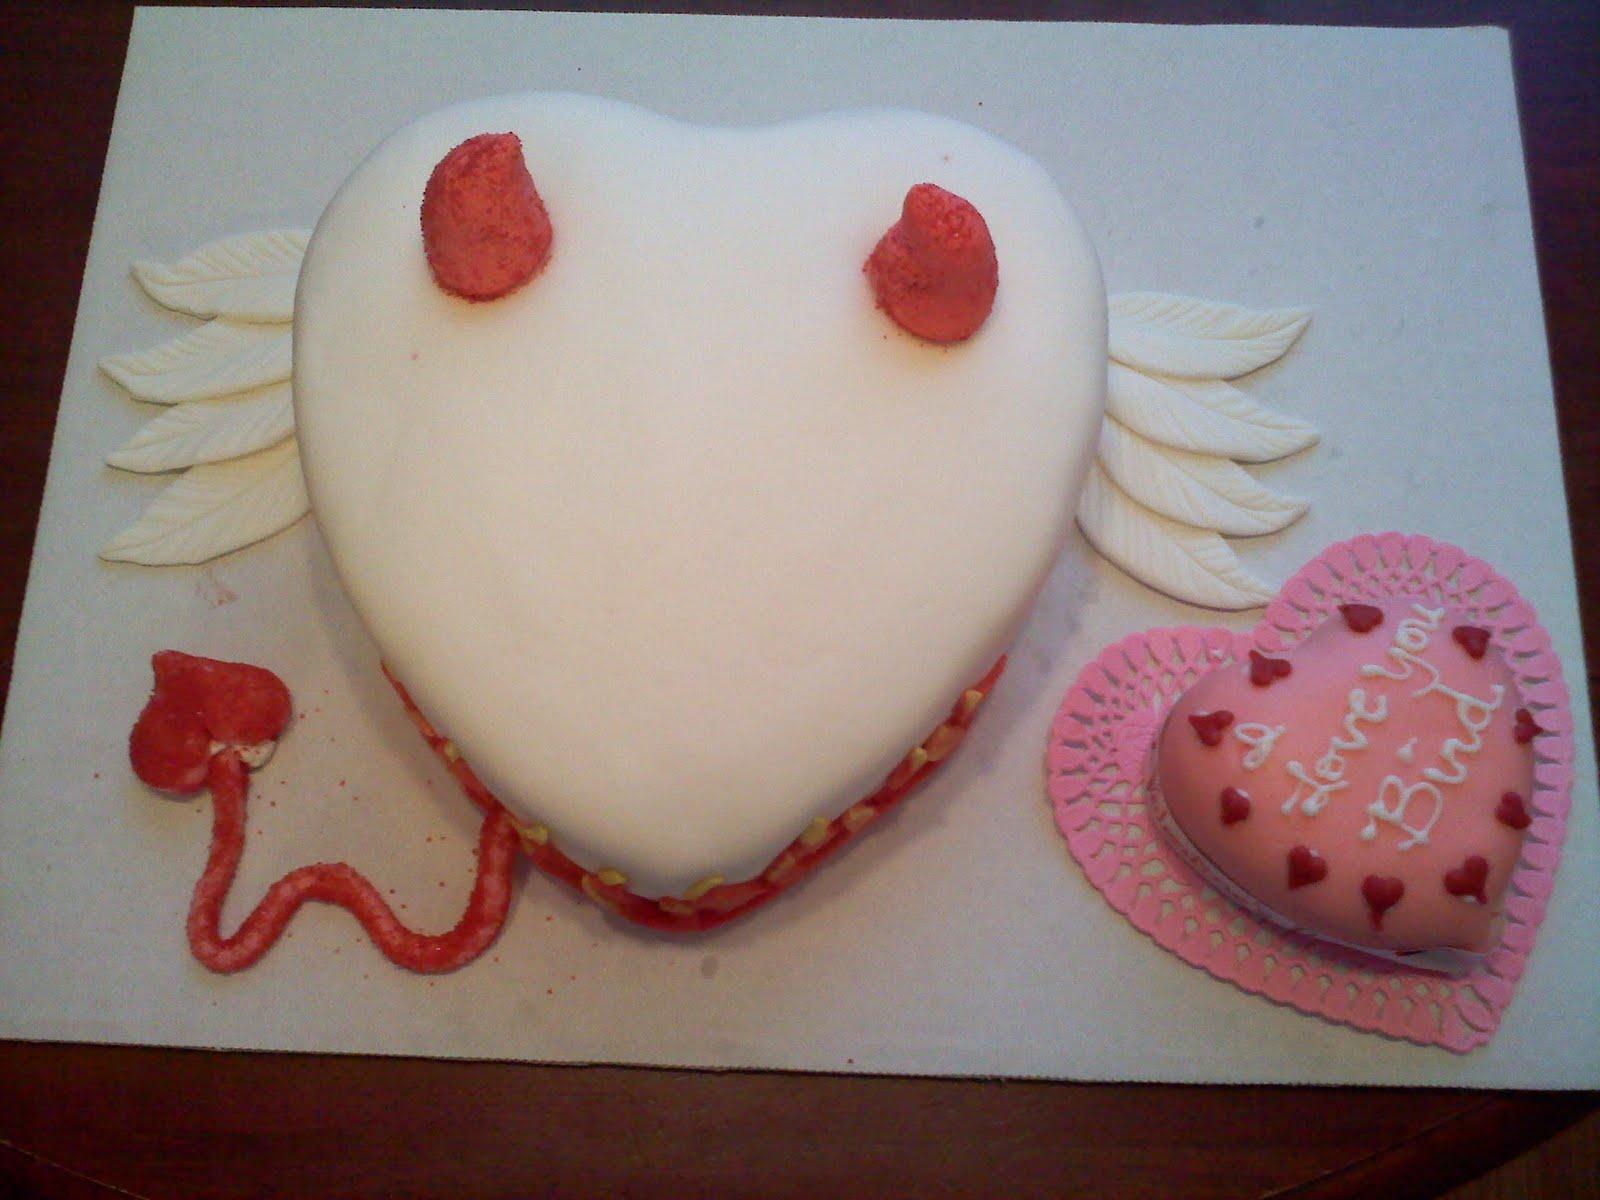 Pornostar Angel Cakes